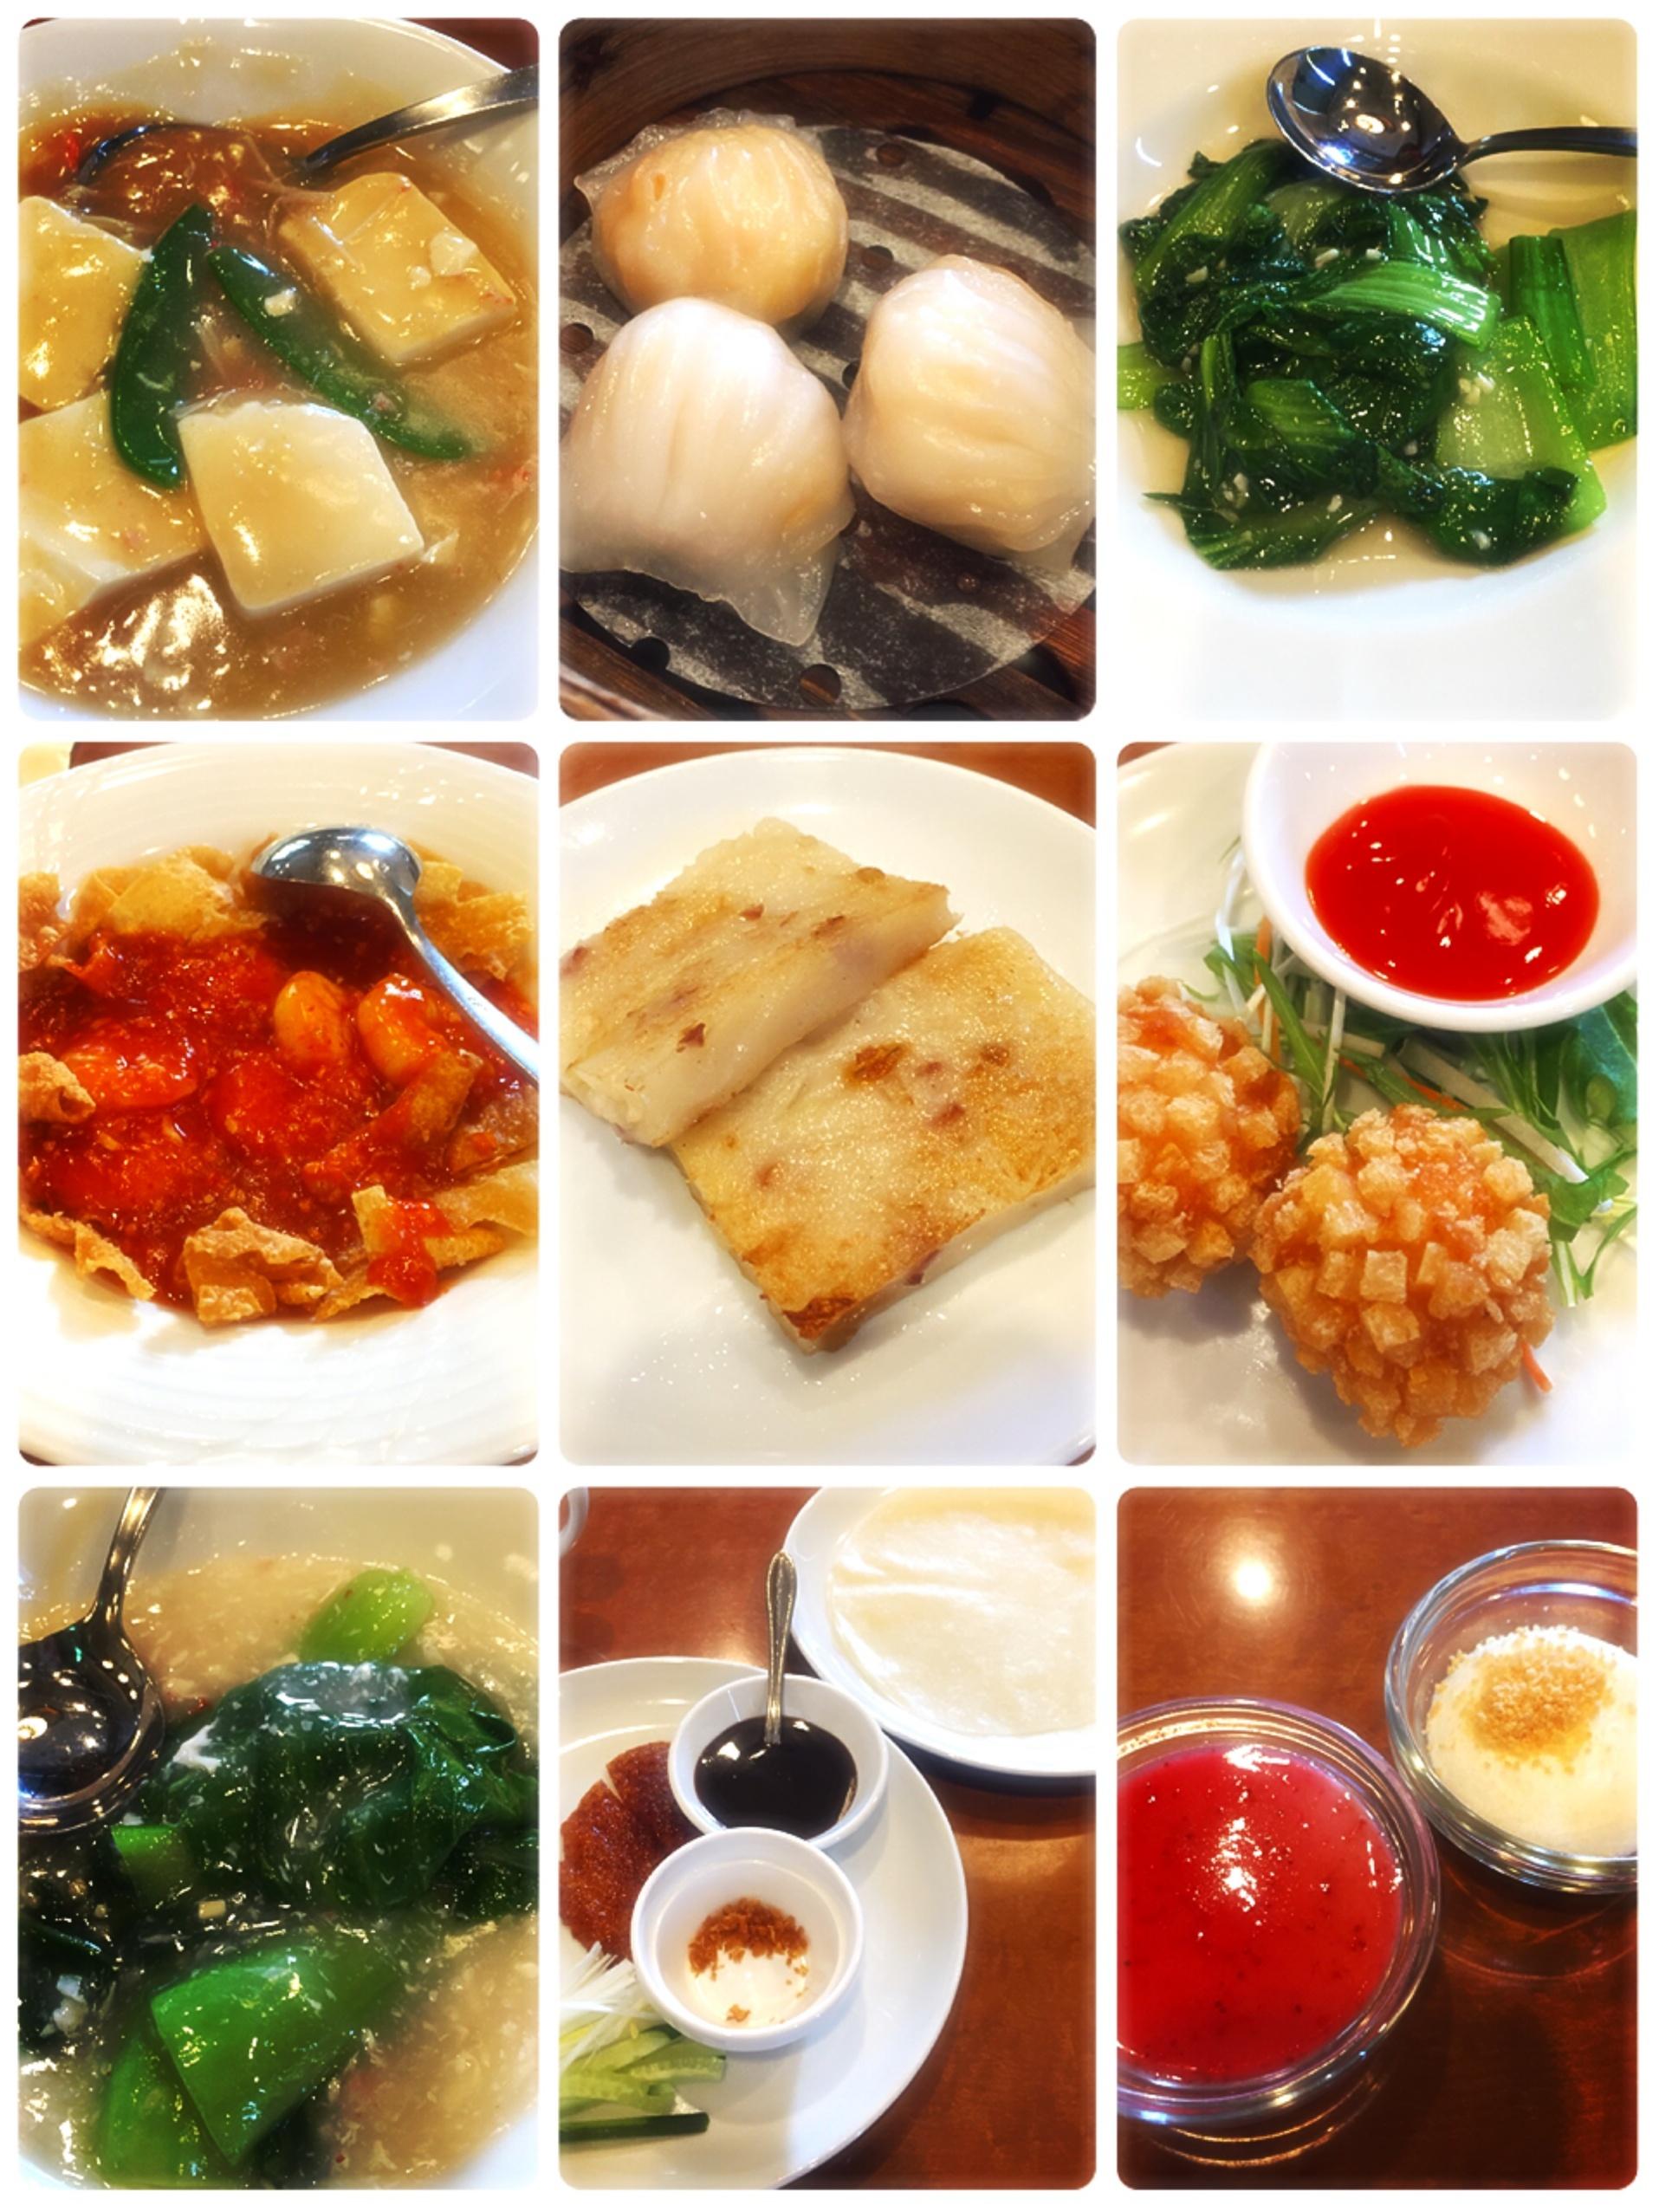 横浜中華街のオーダー式食べ放題【横浜大飯店】が何を食べても美味しいんです!_6